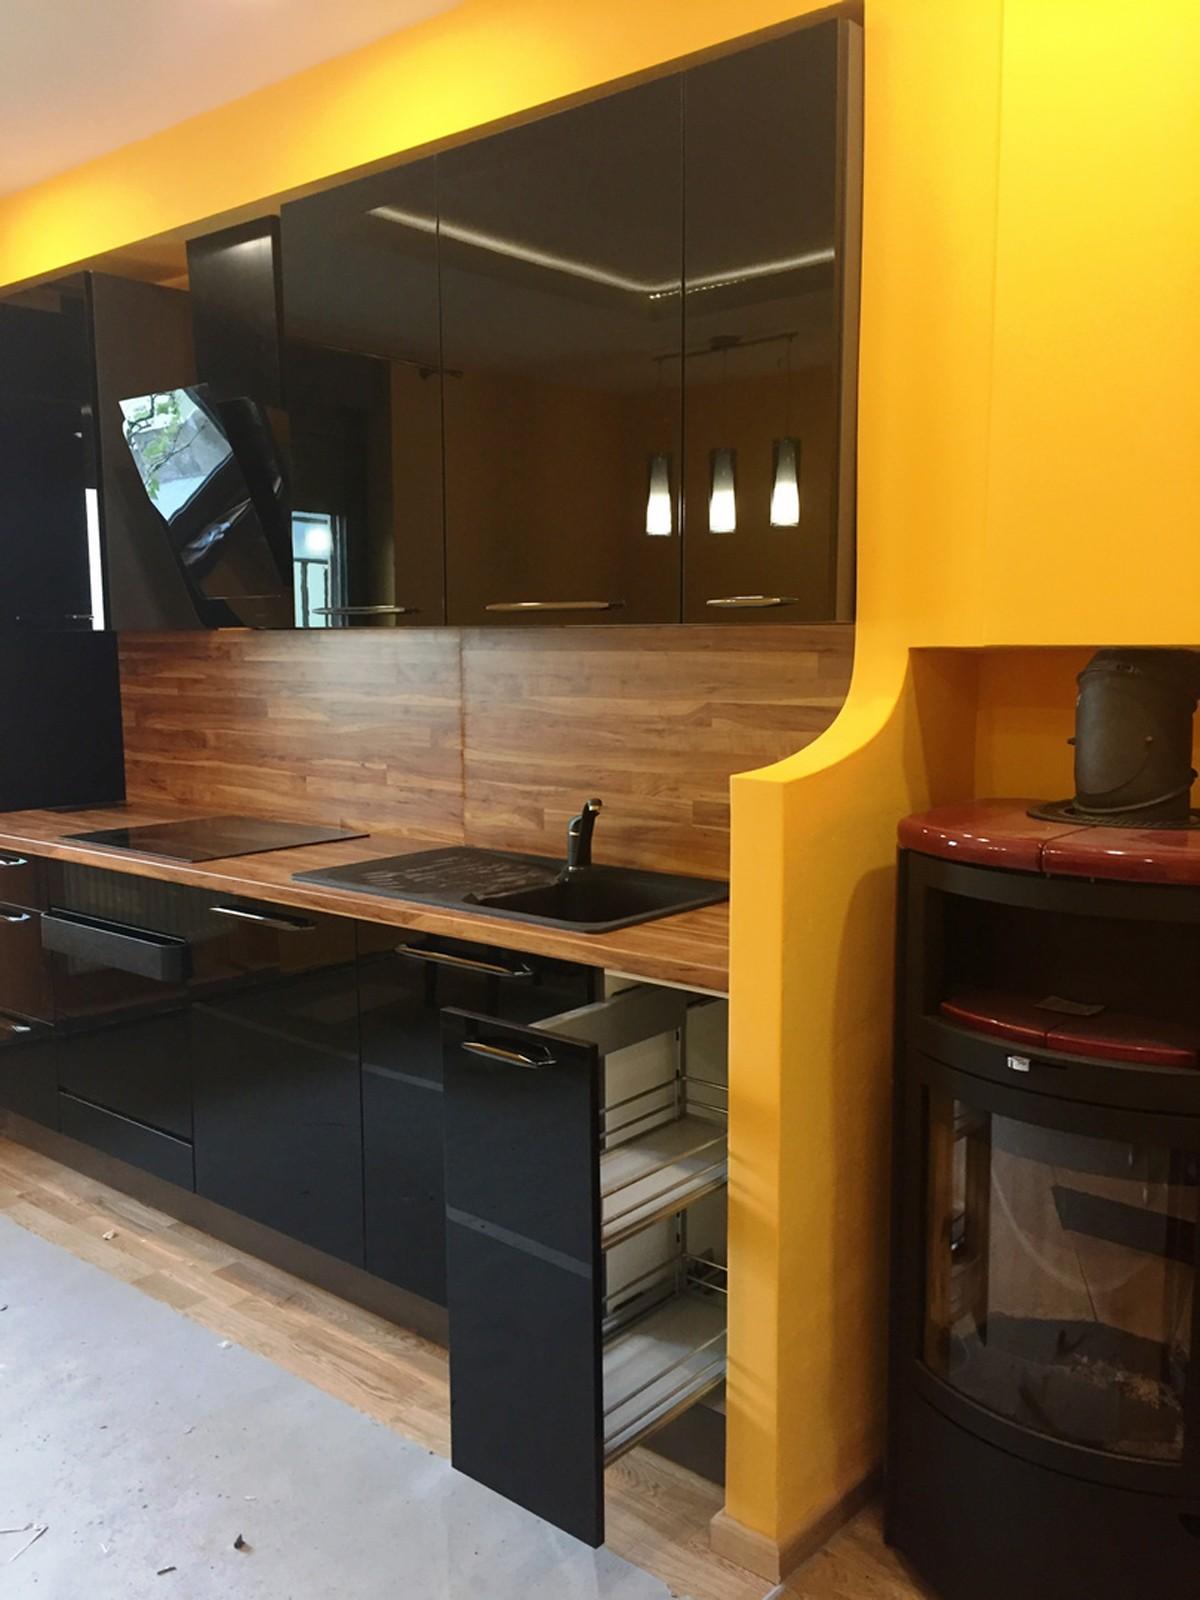 Referință - Bucătărie modernă Nobilia Focus - Negru / Plum Butcherbluck